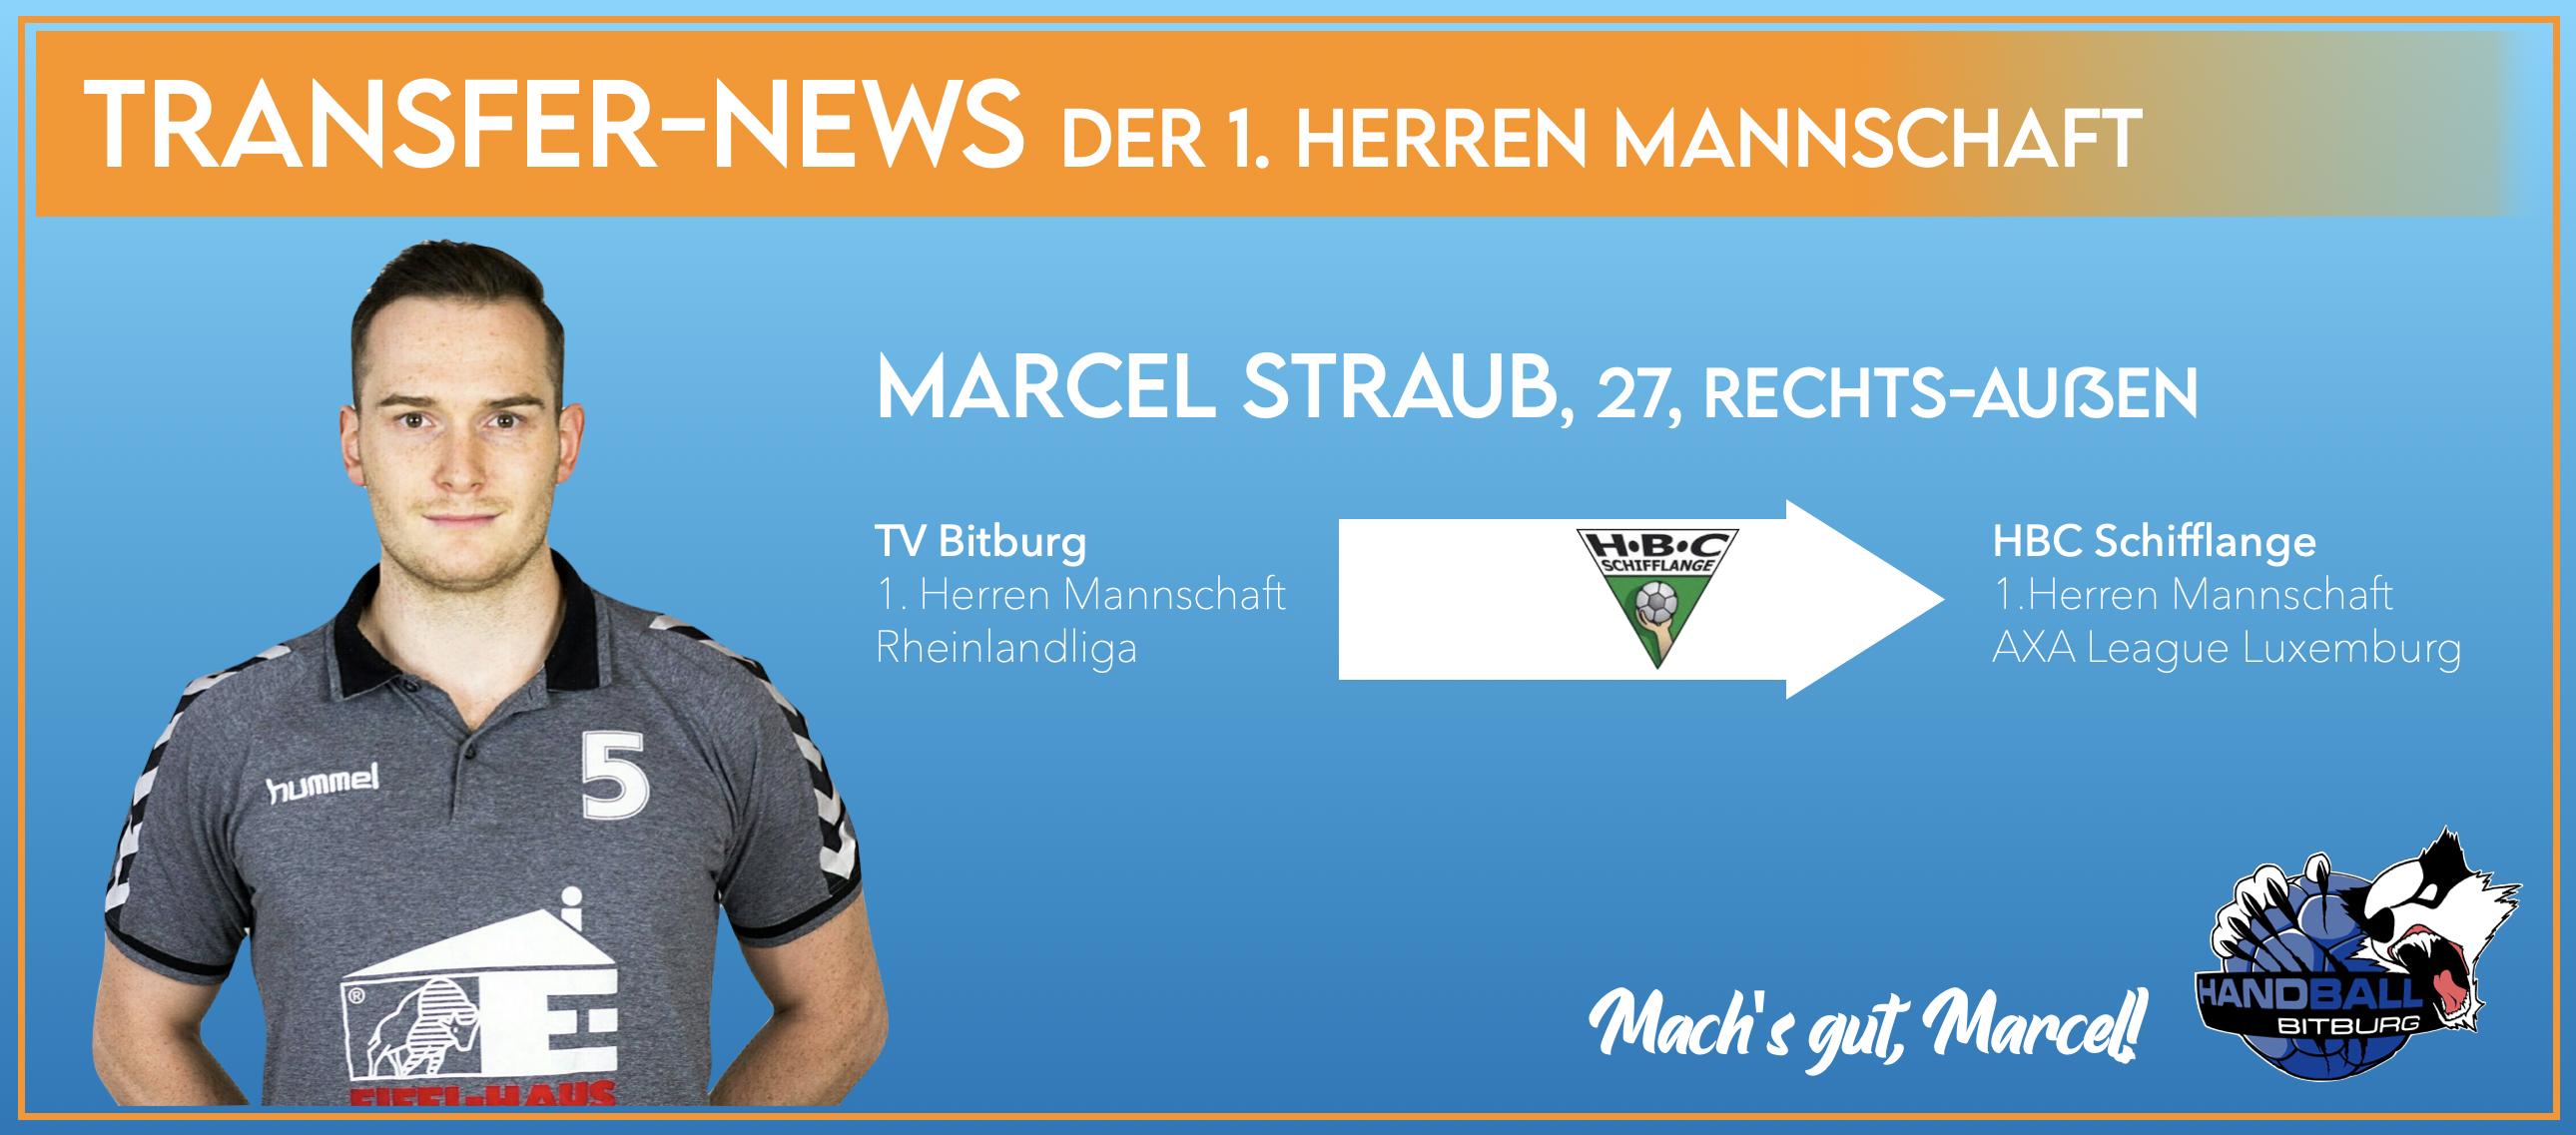 Marcel Straub verlässt den TV Bitburg